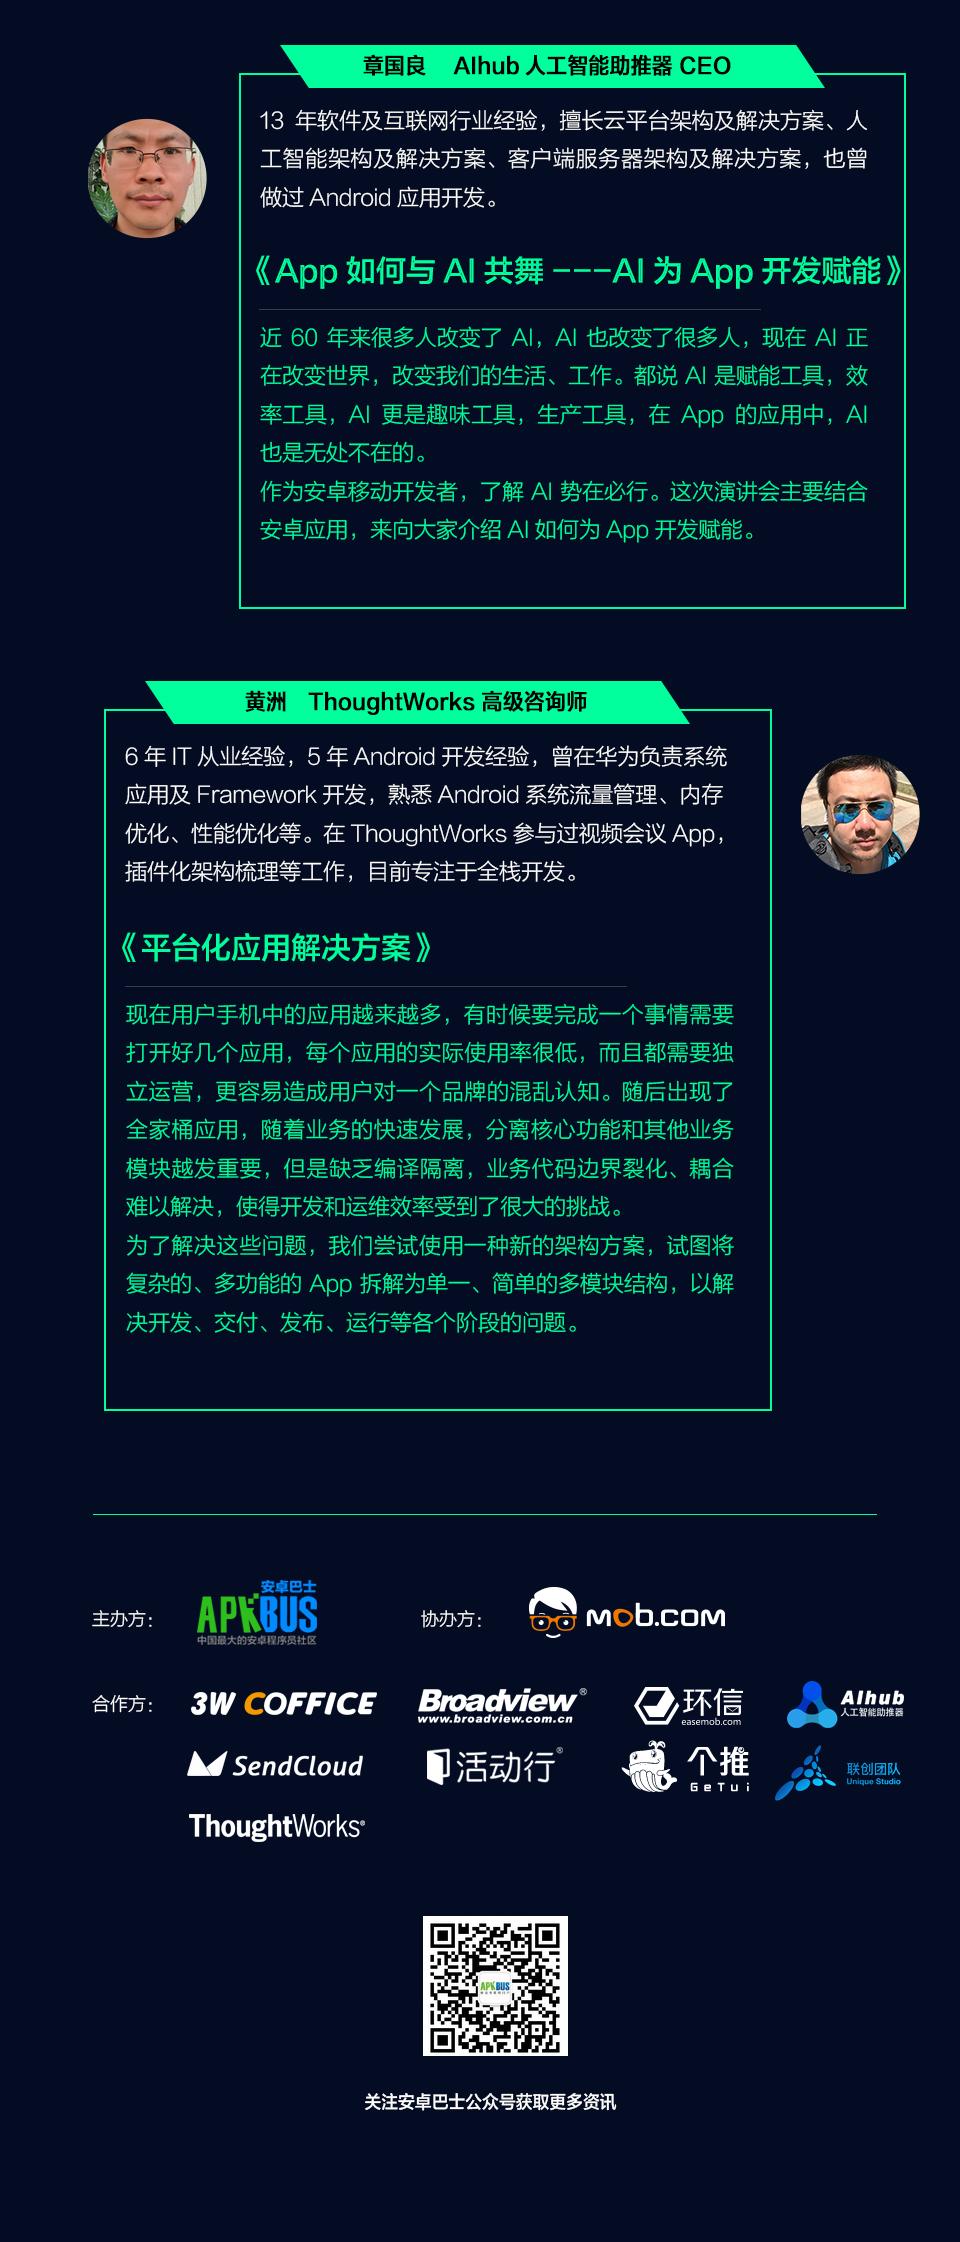 活动行宣传海报-主题嘉宾介绍(大)b2 (1).jpg